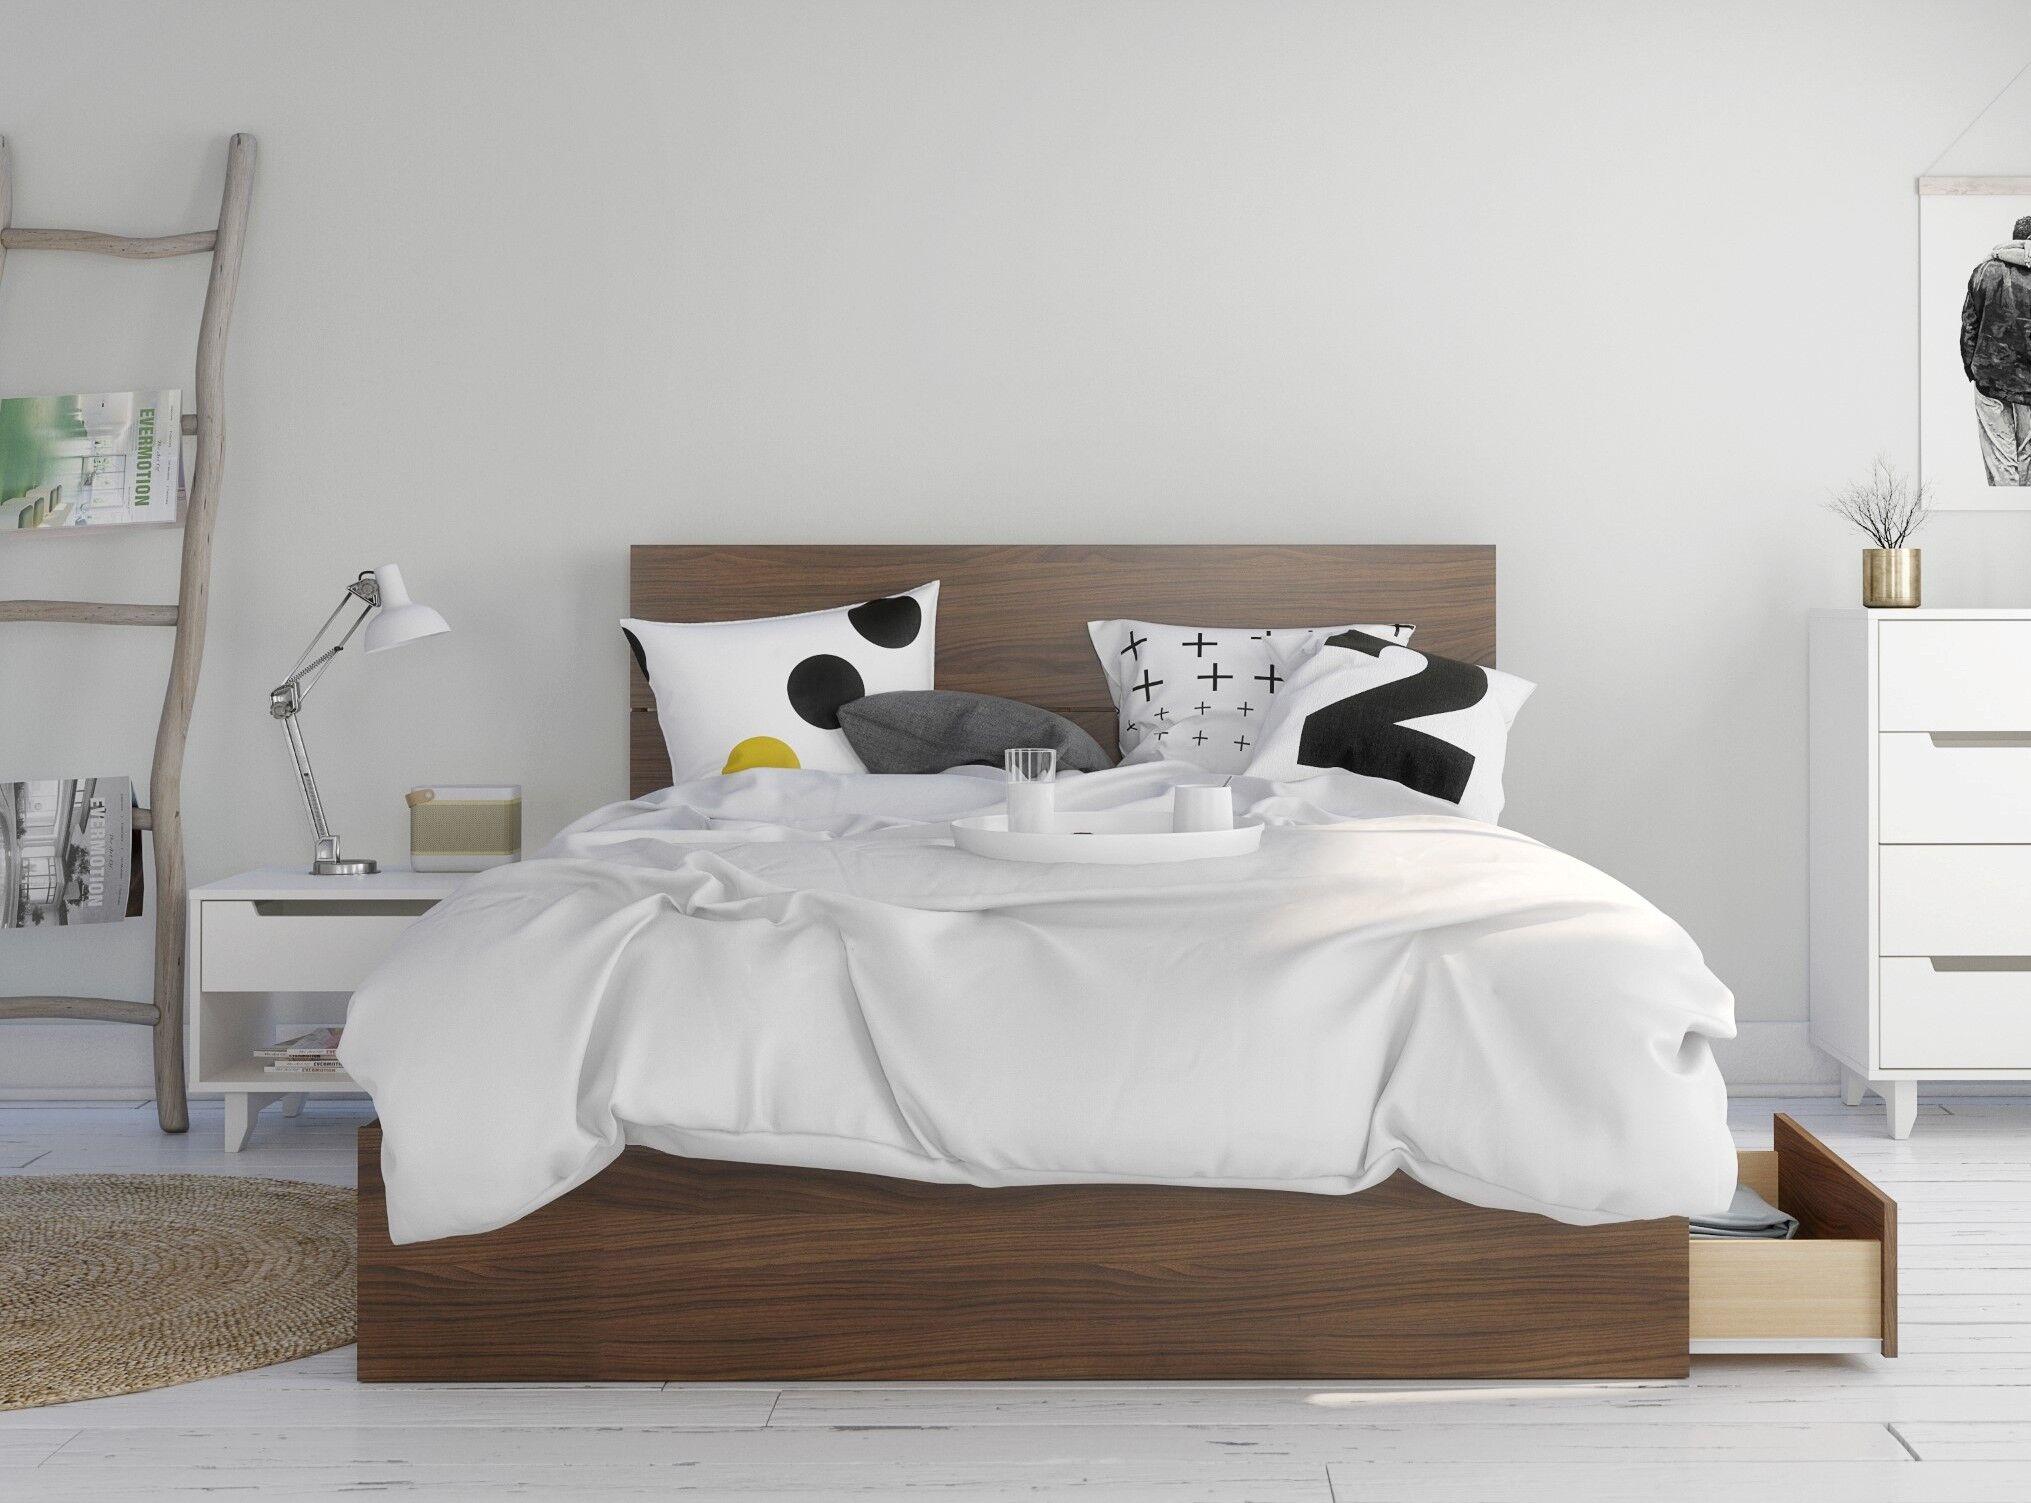 Mckamey Platform 3 Piece Bedroom Set Size: Queen